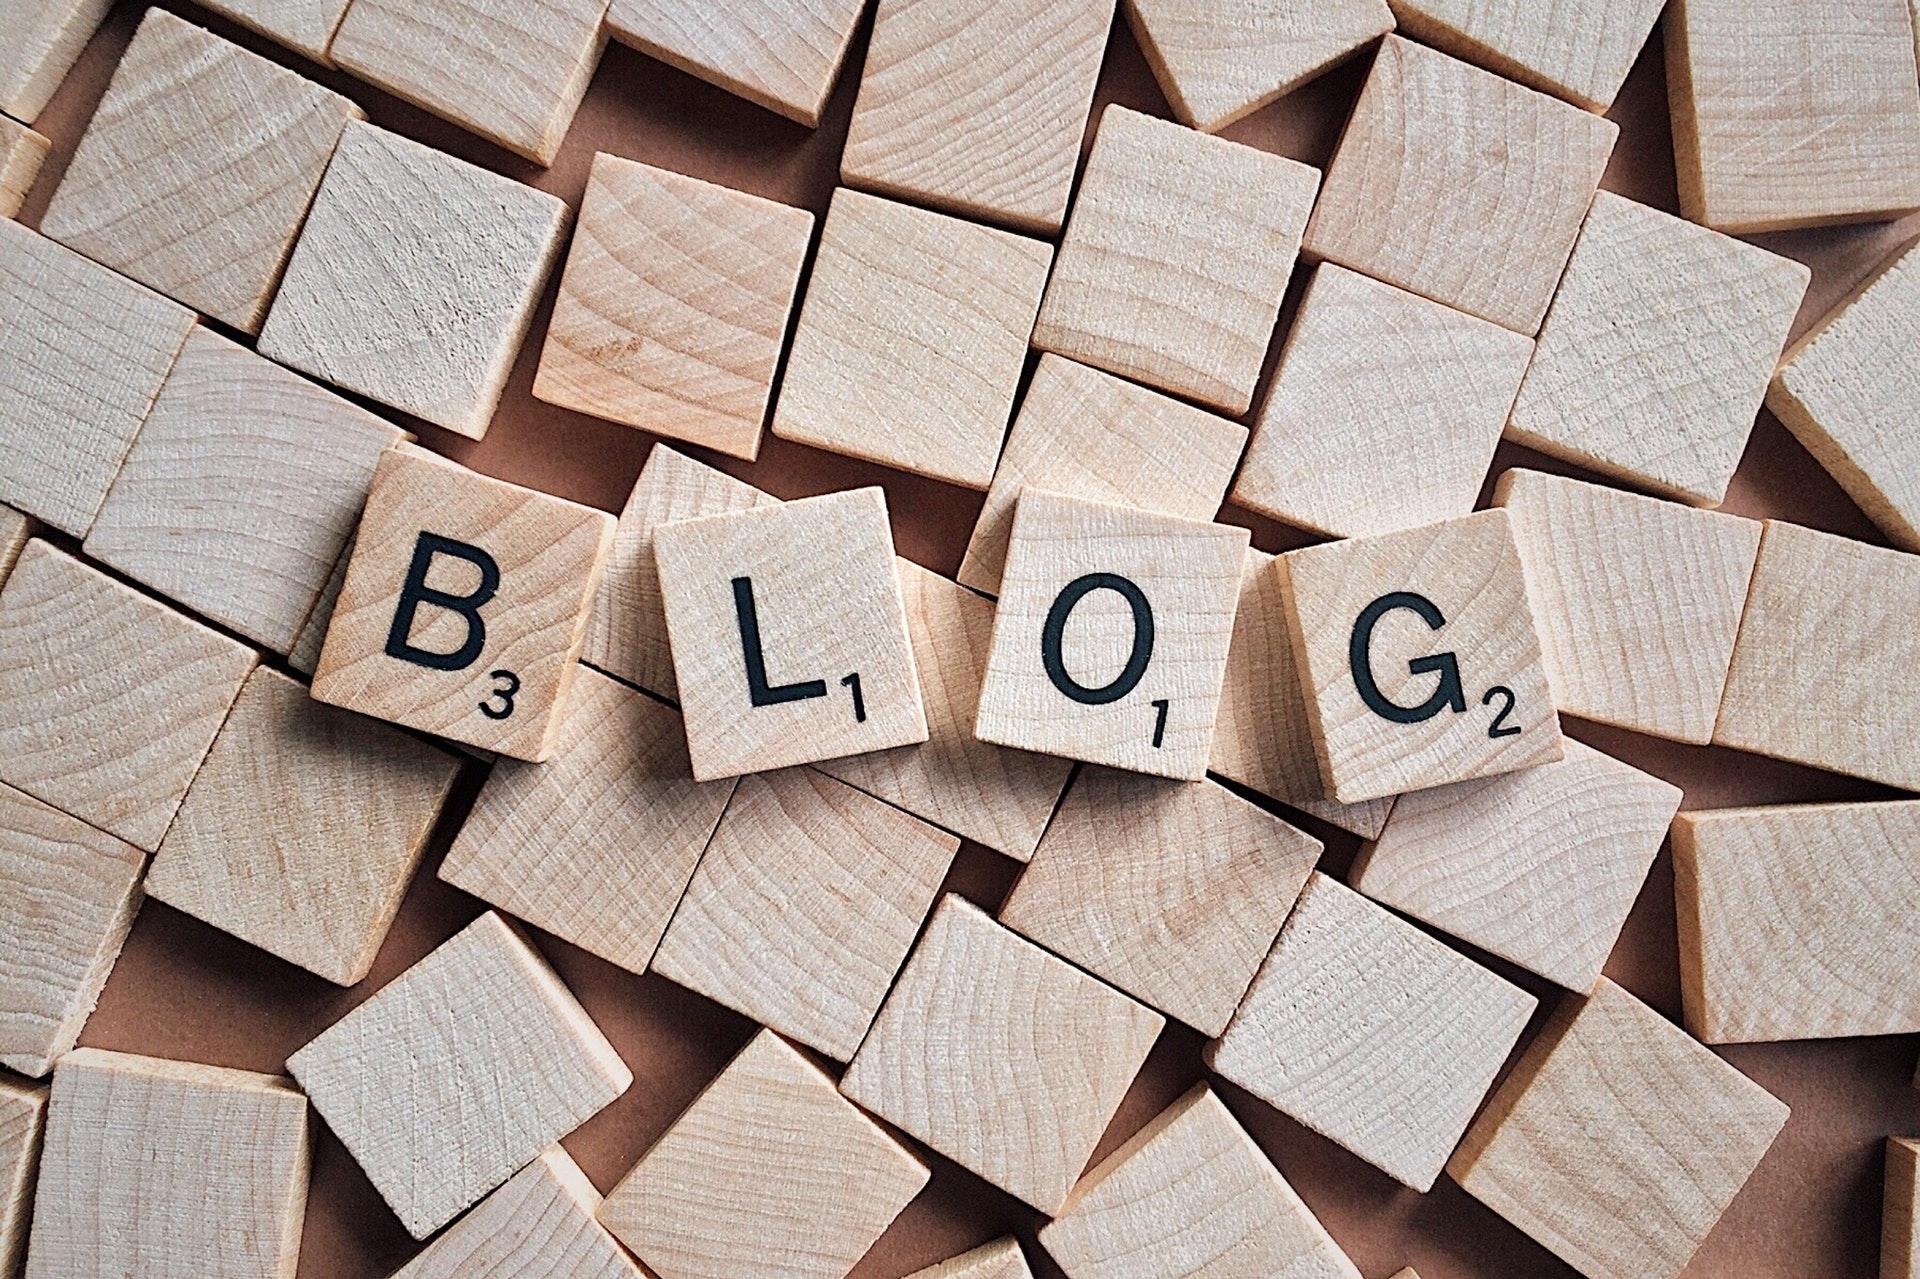 ブログ収入激減中、ブログに依存しないブロガーへ